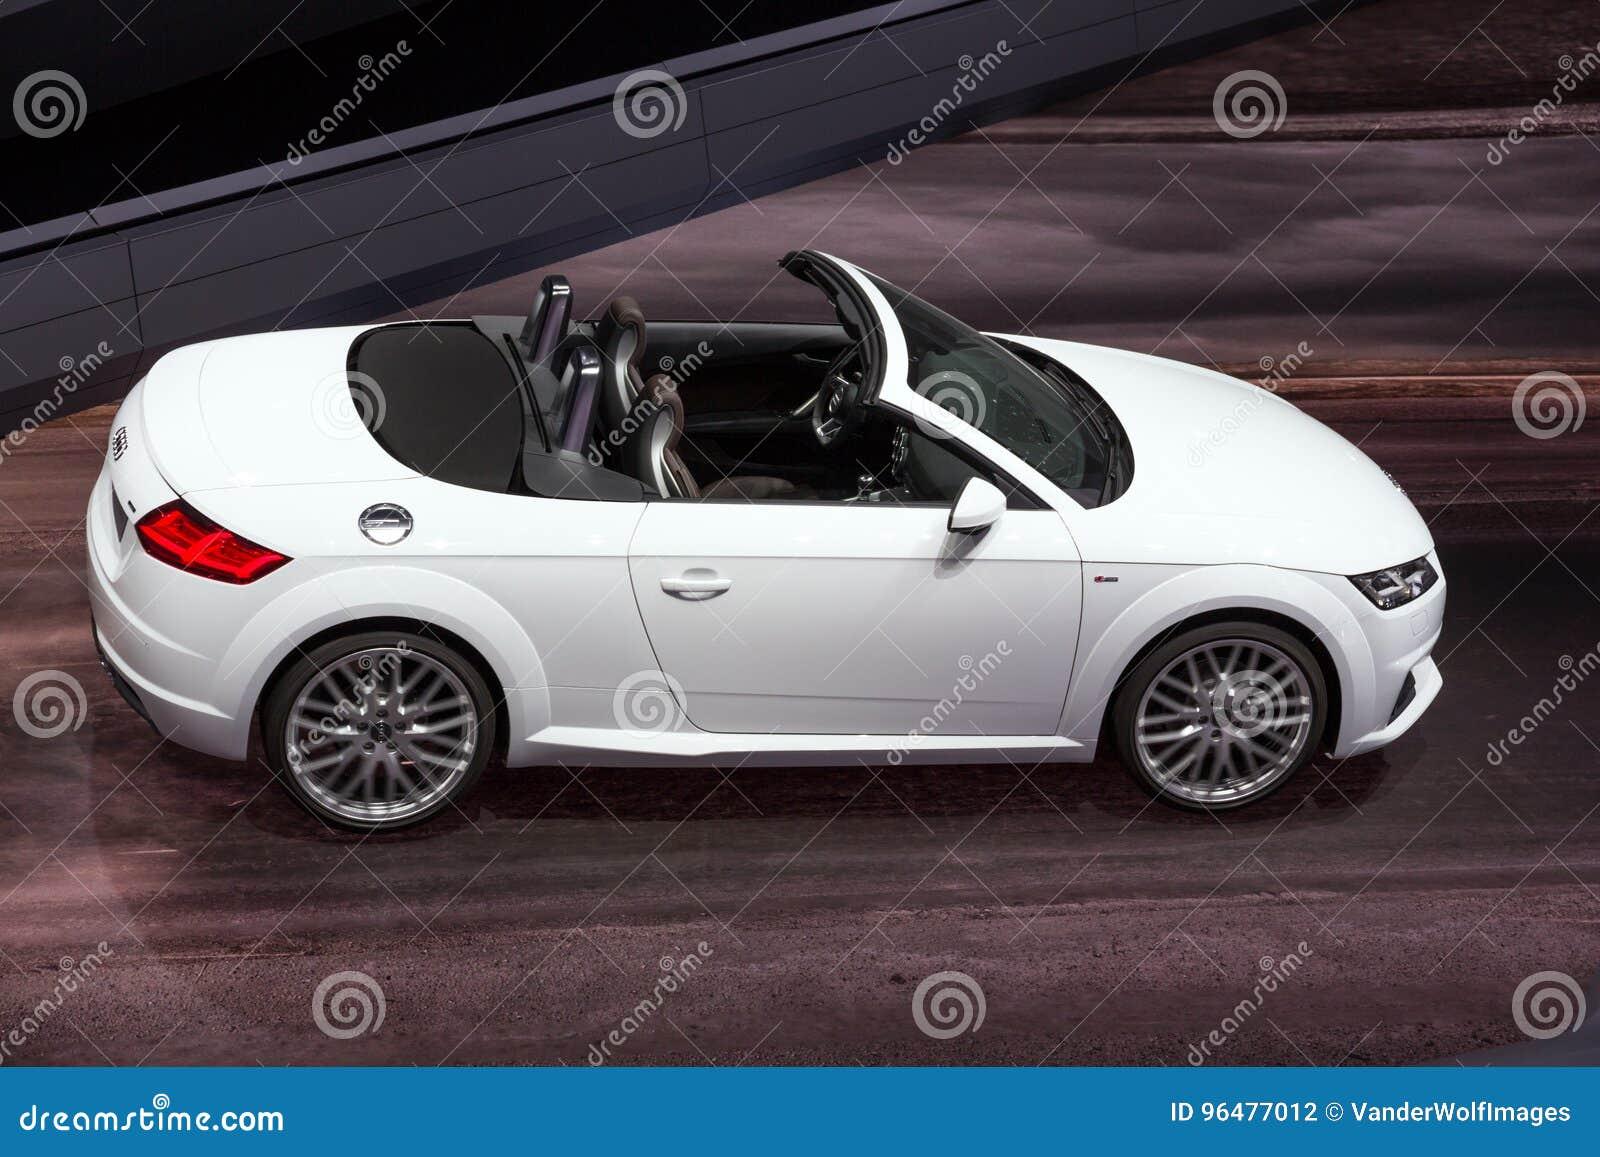 Carro Do Convertible De Audi Tt Fotografia Editorial Imagem De Convertible Audi 96477012